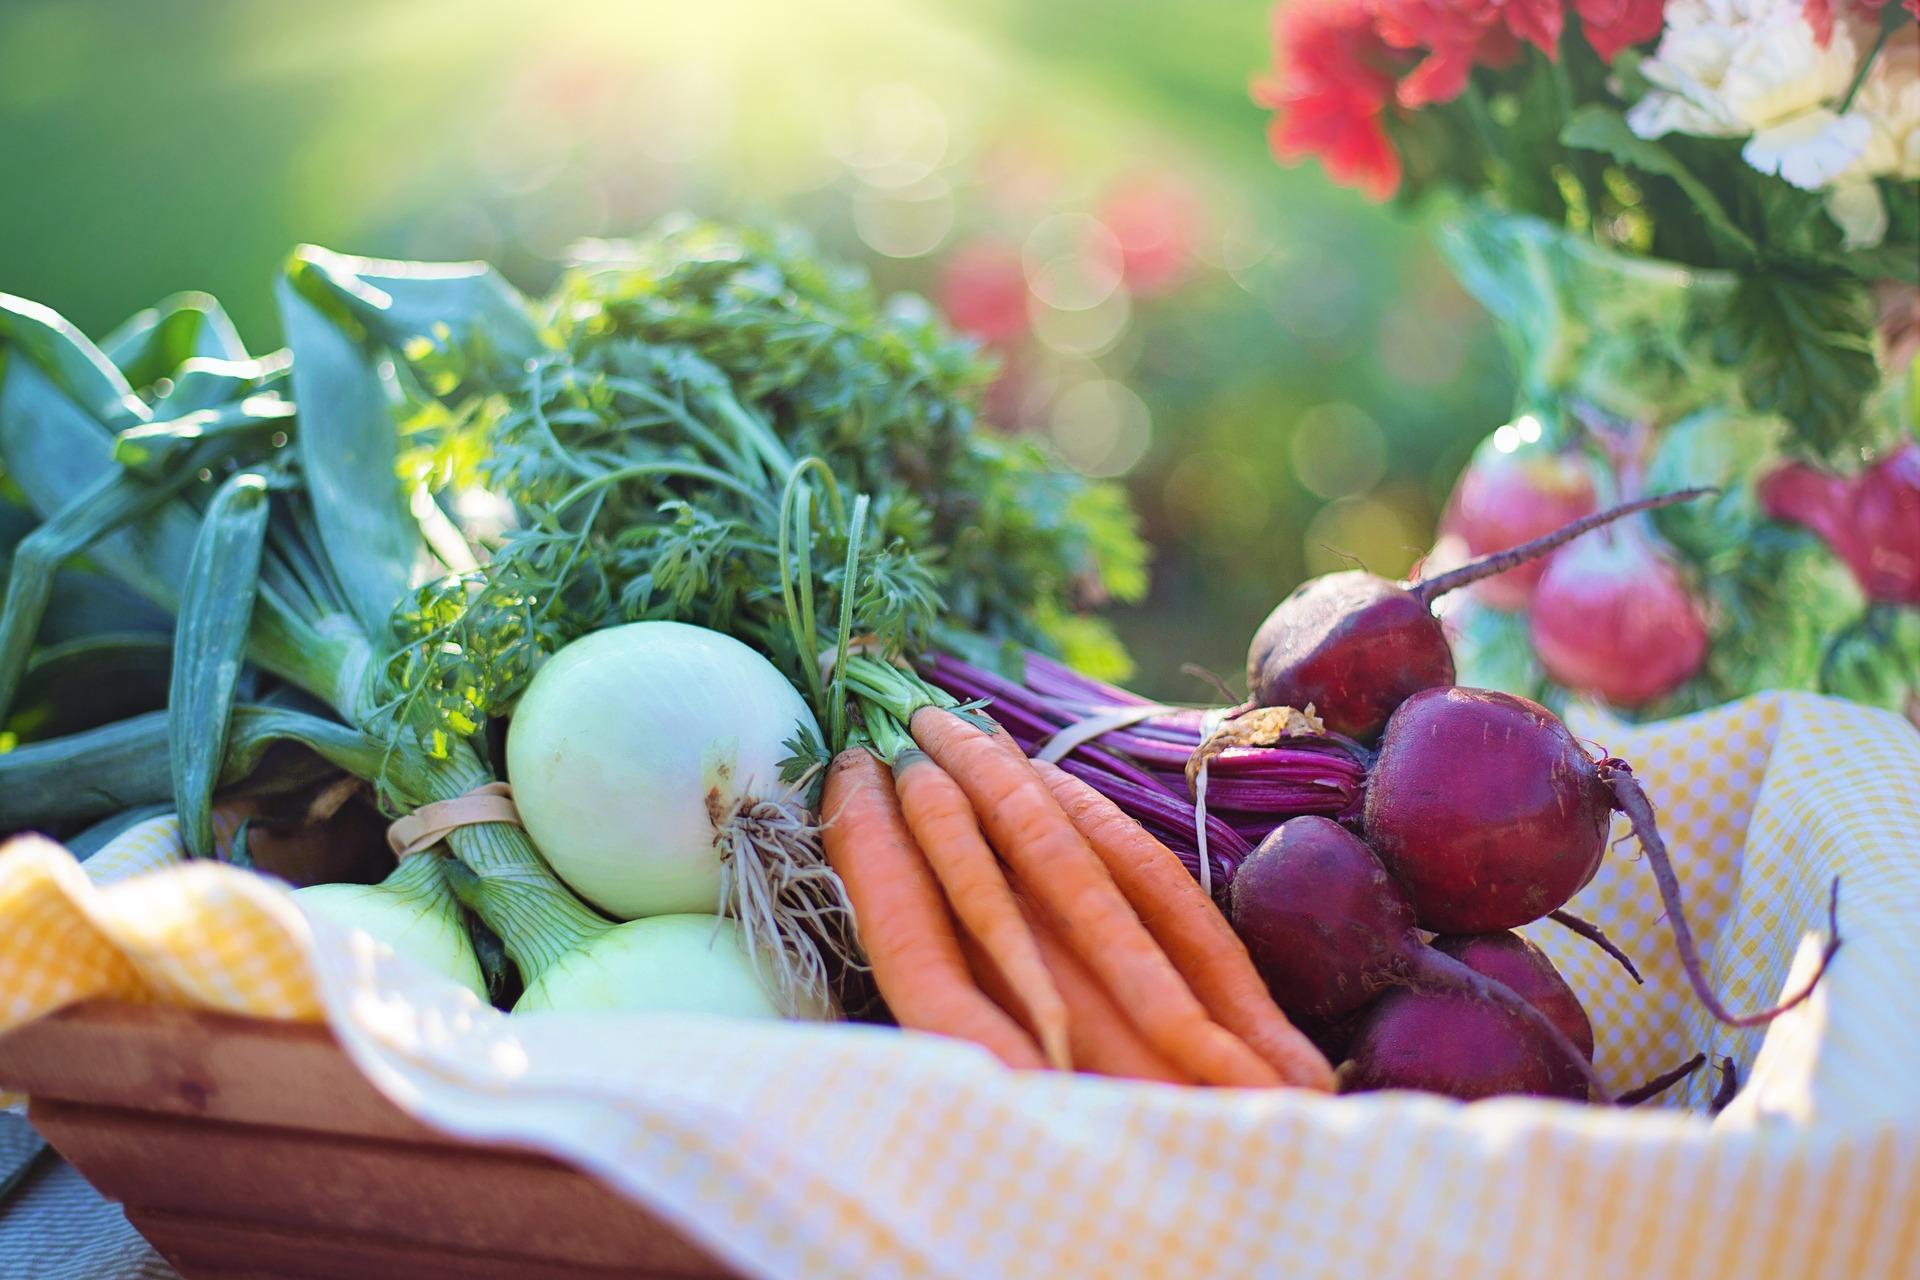 Vegetables 2485055 1920